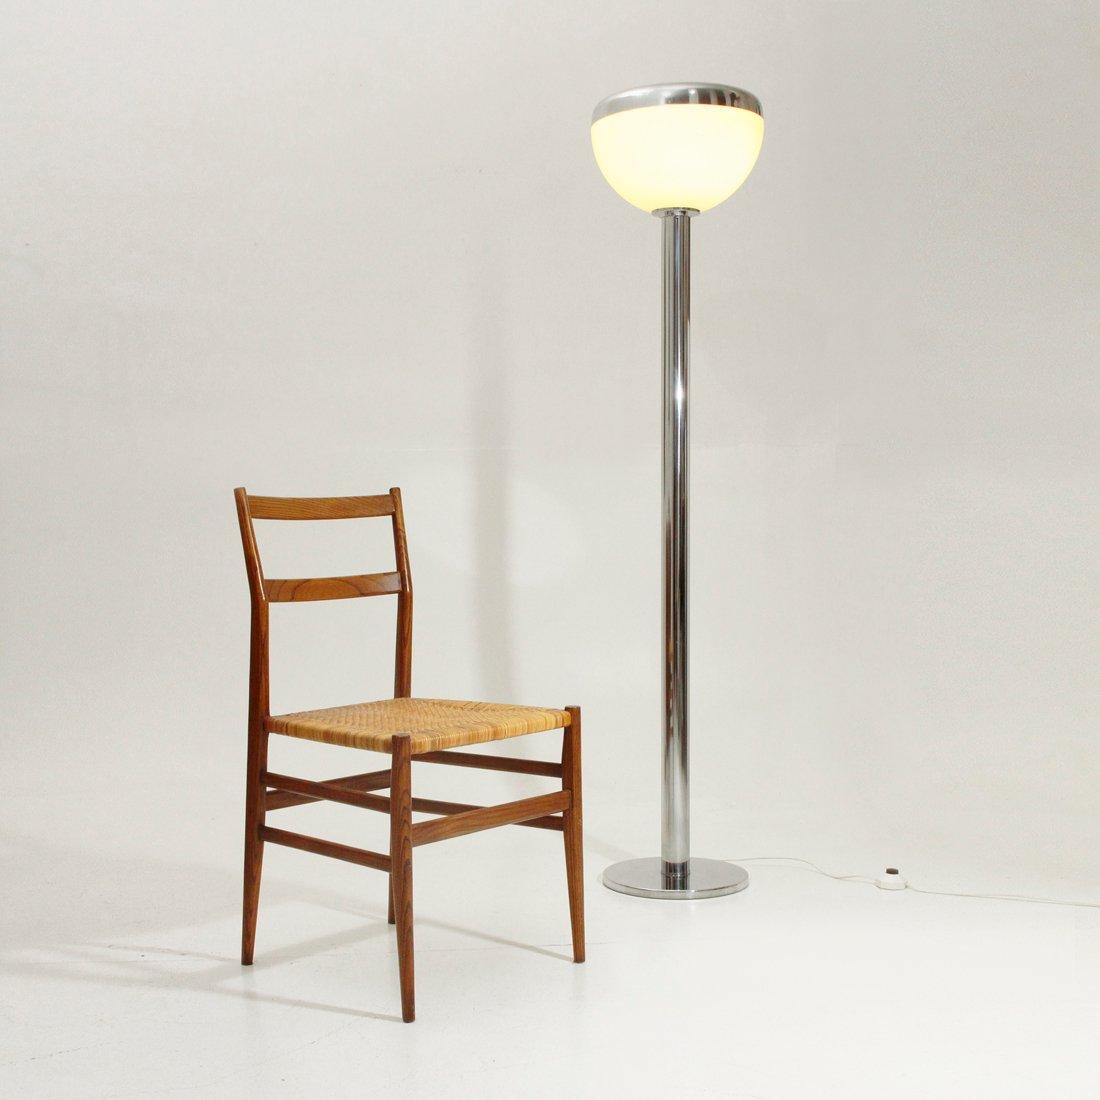 italienische vintage chrom stehlampe 1970er bei pamono kaufen. Black Bedroom Furniture Sets. Home Design Ideas